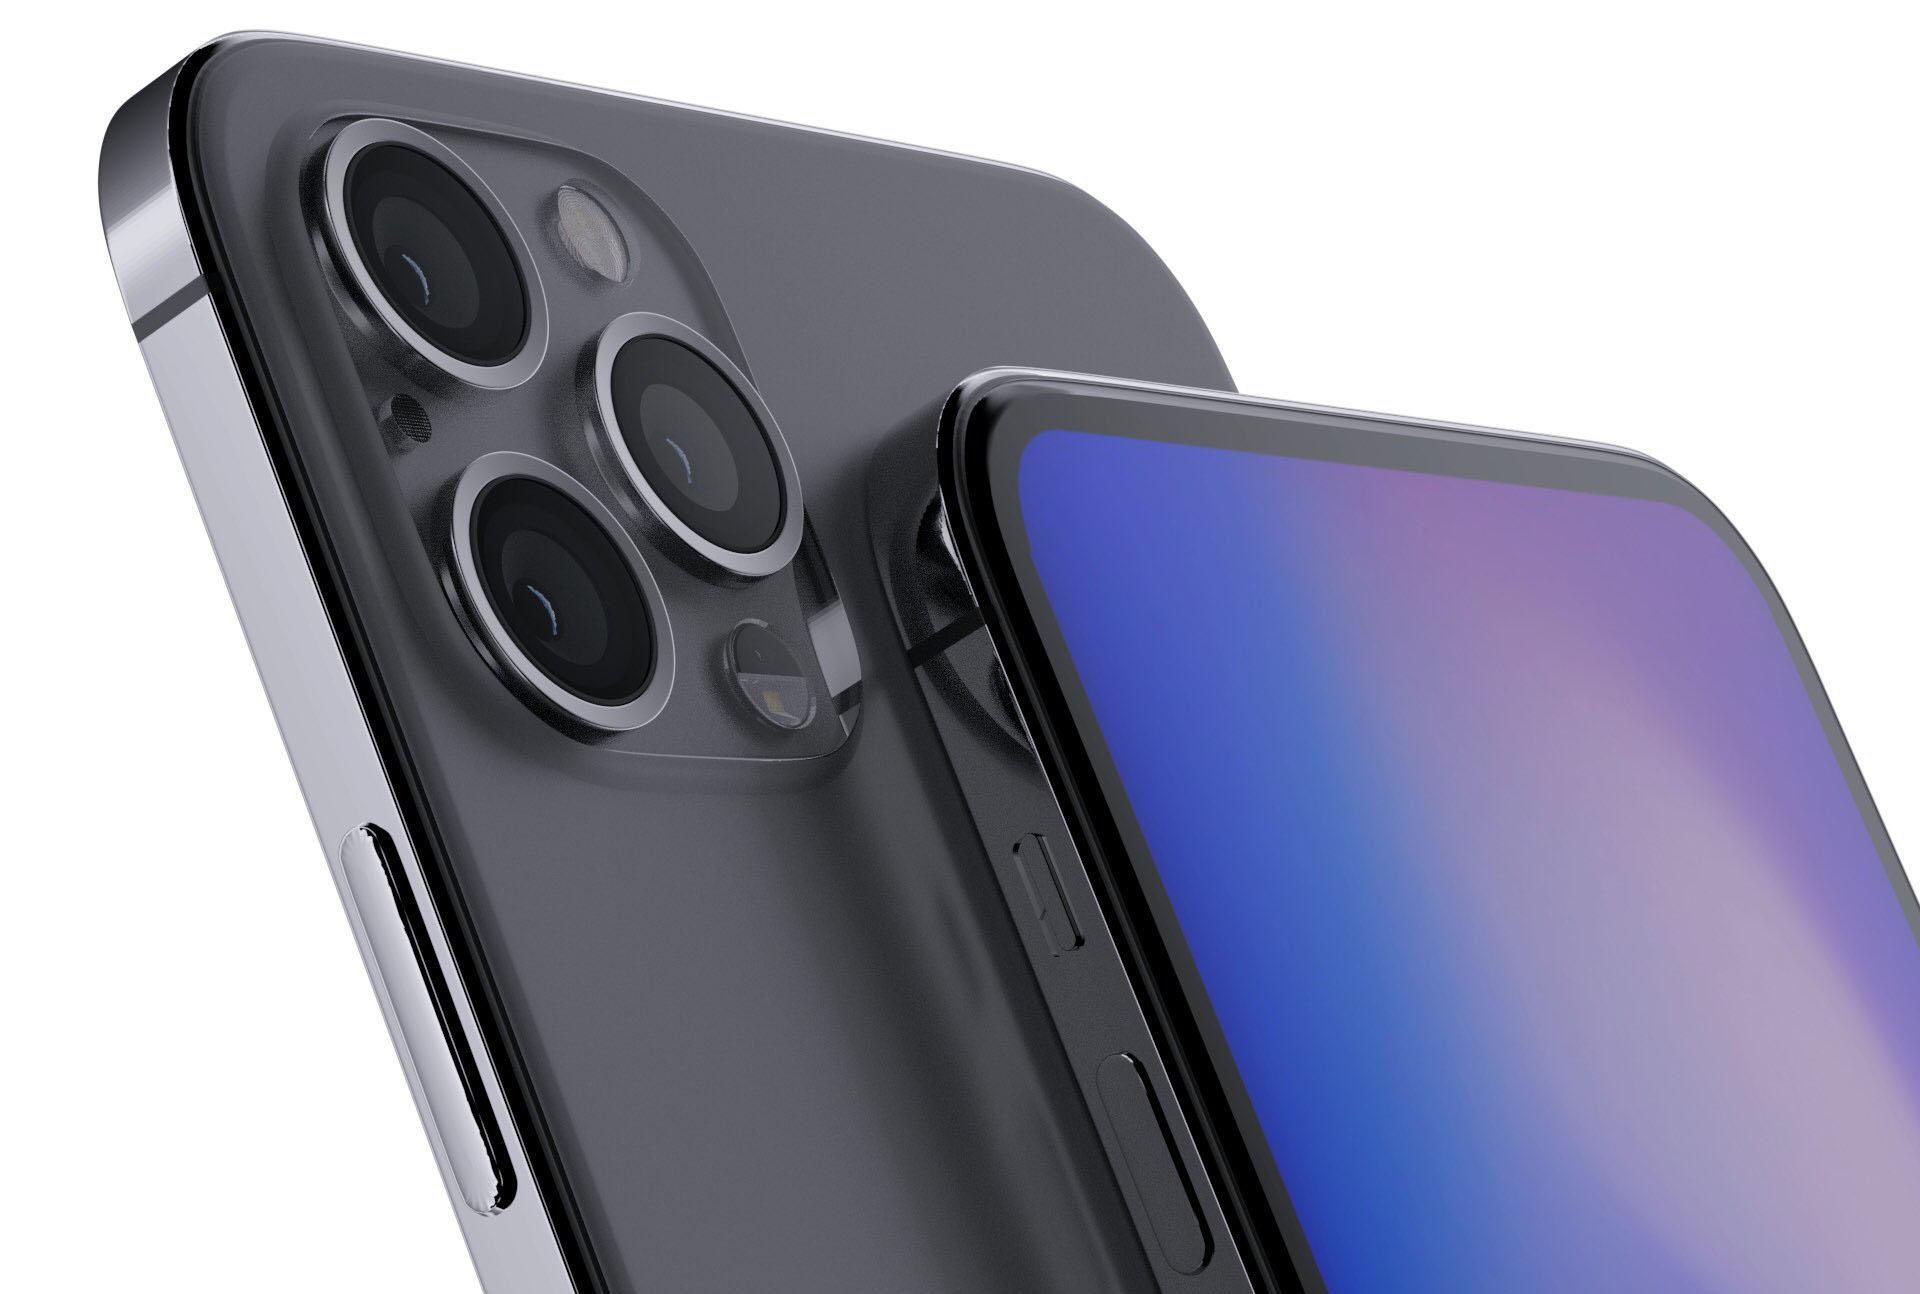 iPhone 12 sẽ không hỗ trợ USB Type-C, năm 2021 sẽ không bỏ hẳn cổng sạc vật lý - Ảnh 1.